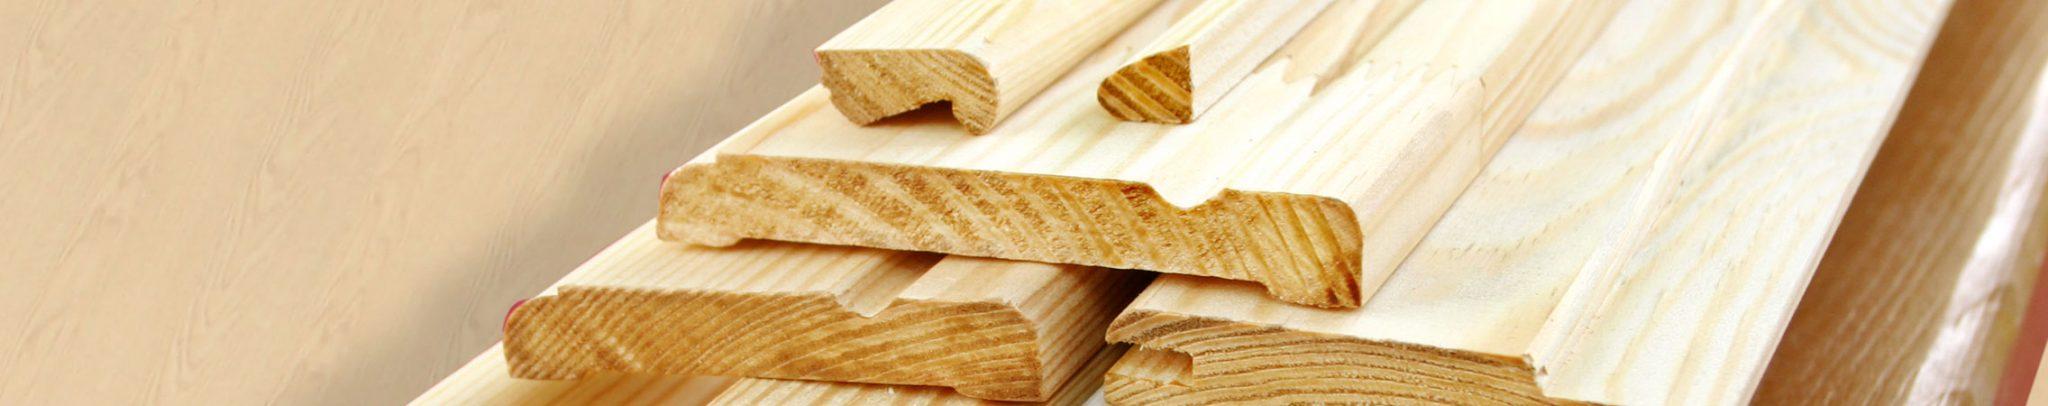 <p>Свежий проект &#8212; сделан сайт-каталог для производства деревянных погонажных изделий — брусок, рейка, плинтус. Адрес сайтаhttp://lesovik44.ru/ Характеристики сайта сайта:1. Страница в виде лендинга.2. Адаптивный дизайн [&hellip;]</p>